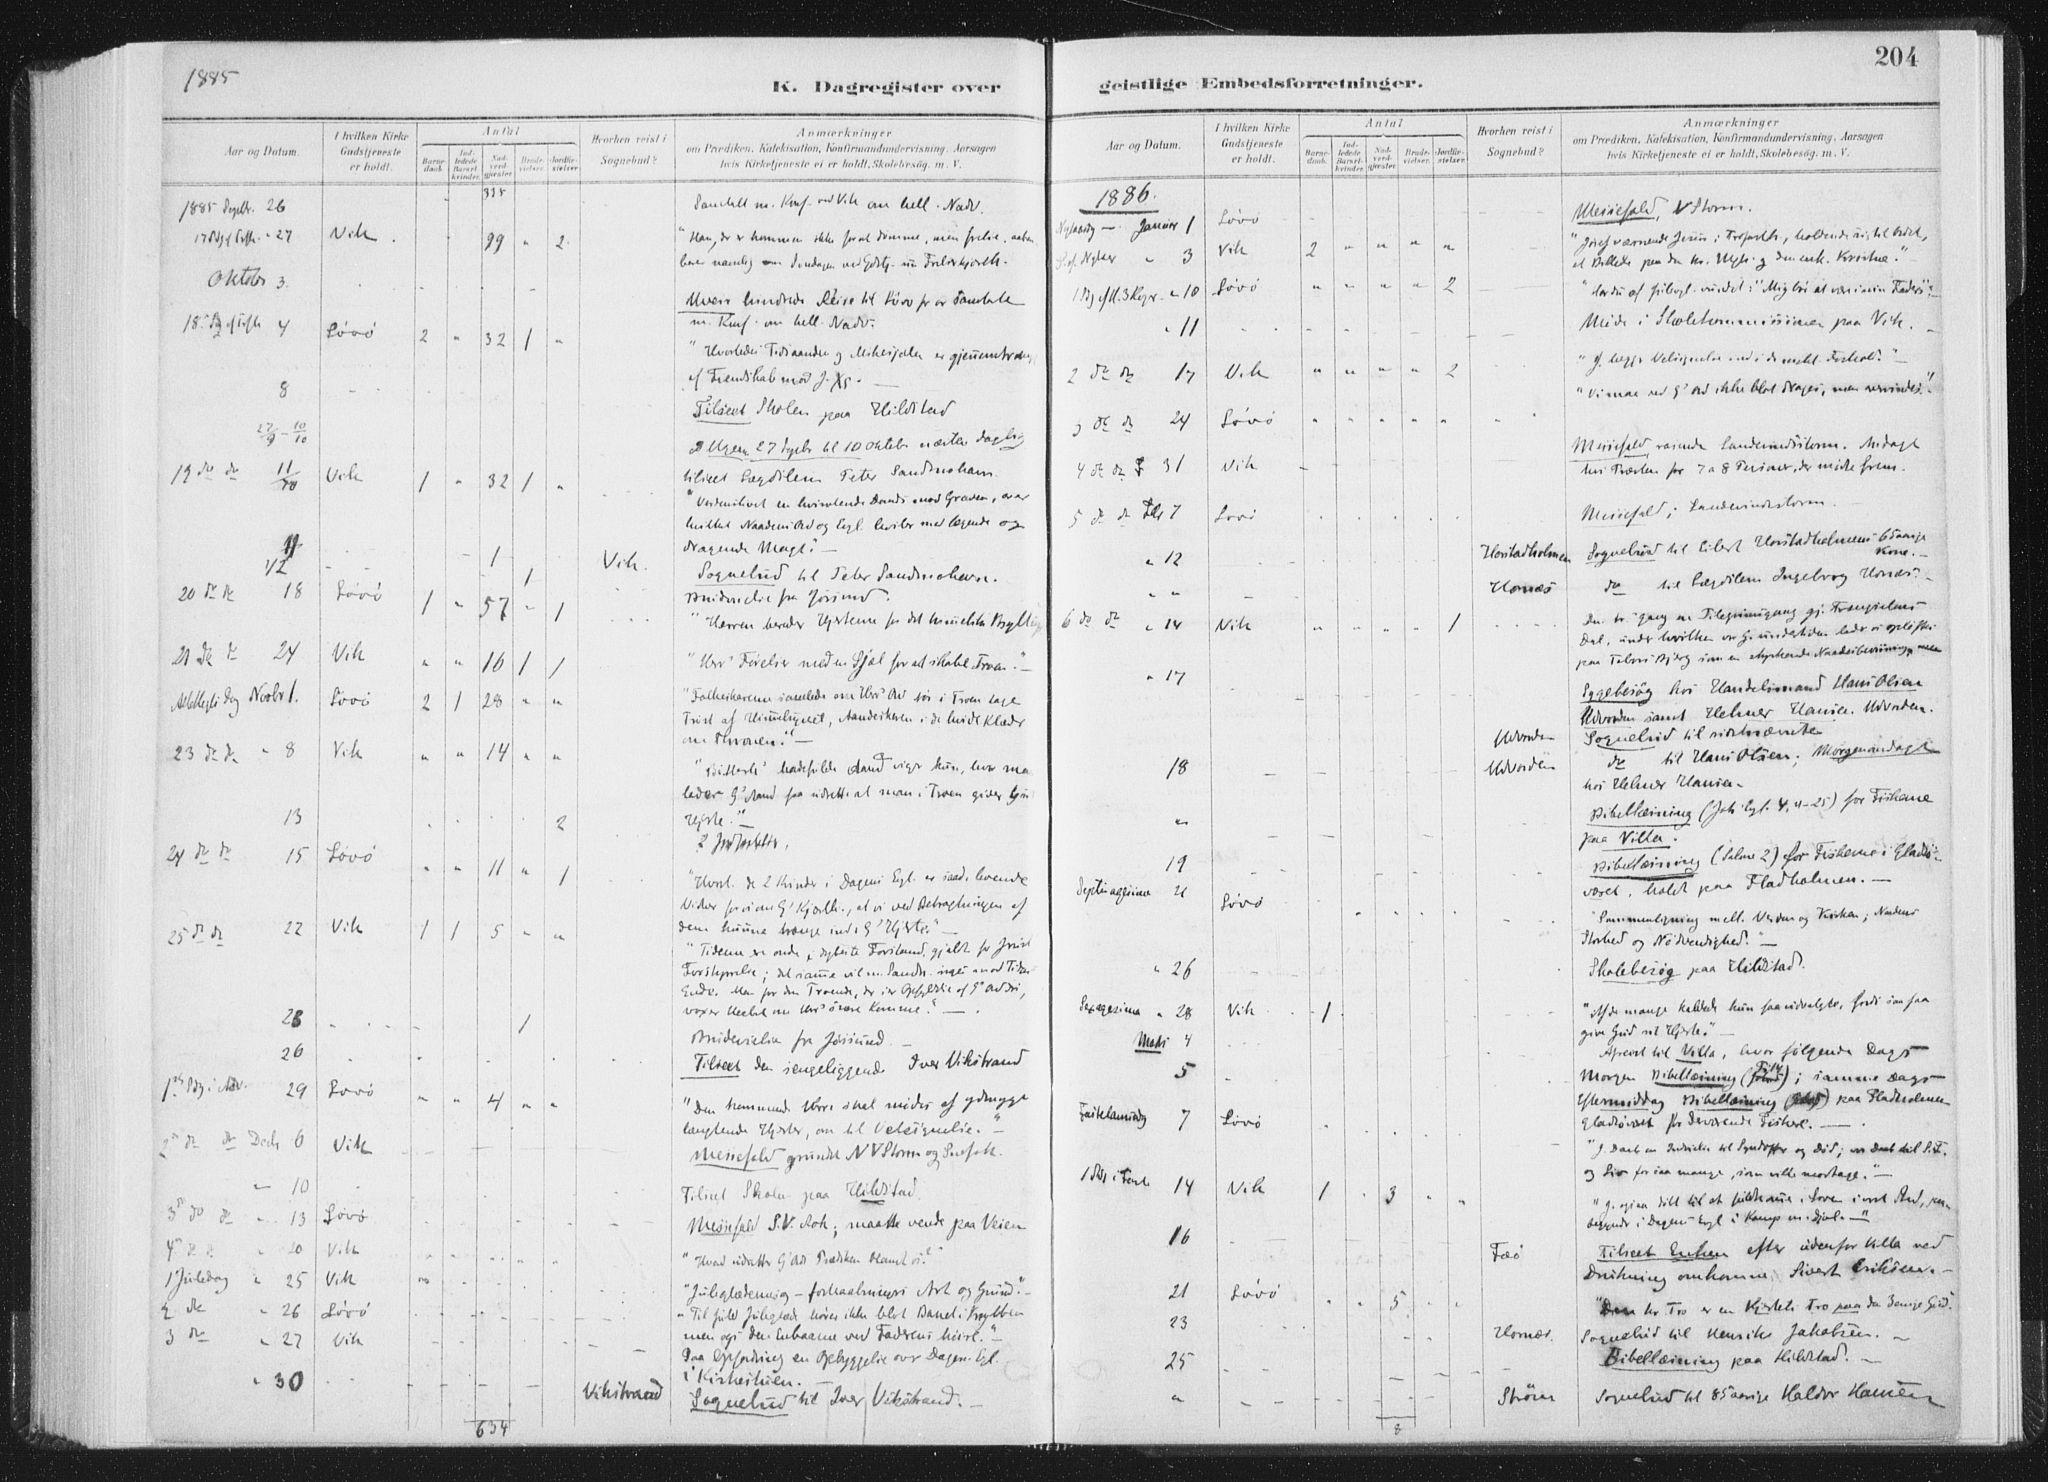 SAT, Ministerialprotokoller, klokkerbøker og fødselsregistre - Nord-Trøndelag, 771/L0597: Ministerialbok nr. 771A04, 1885-1910, s. 204